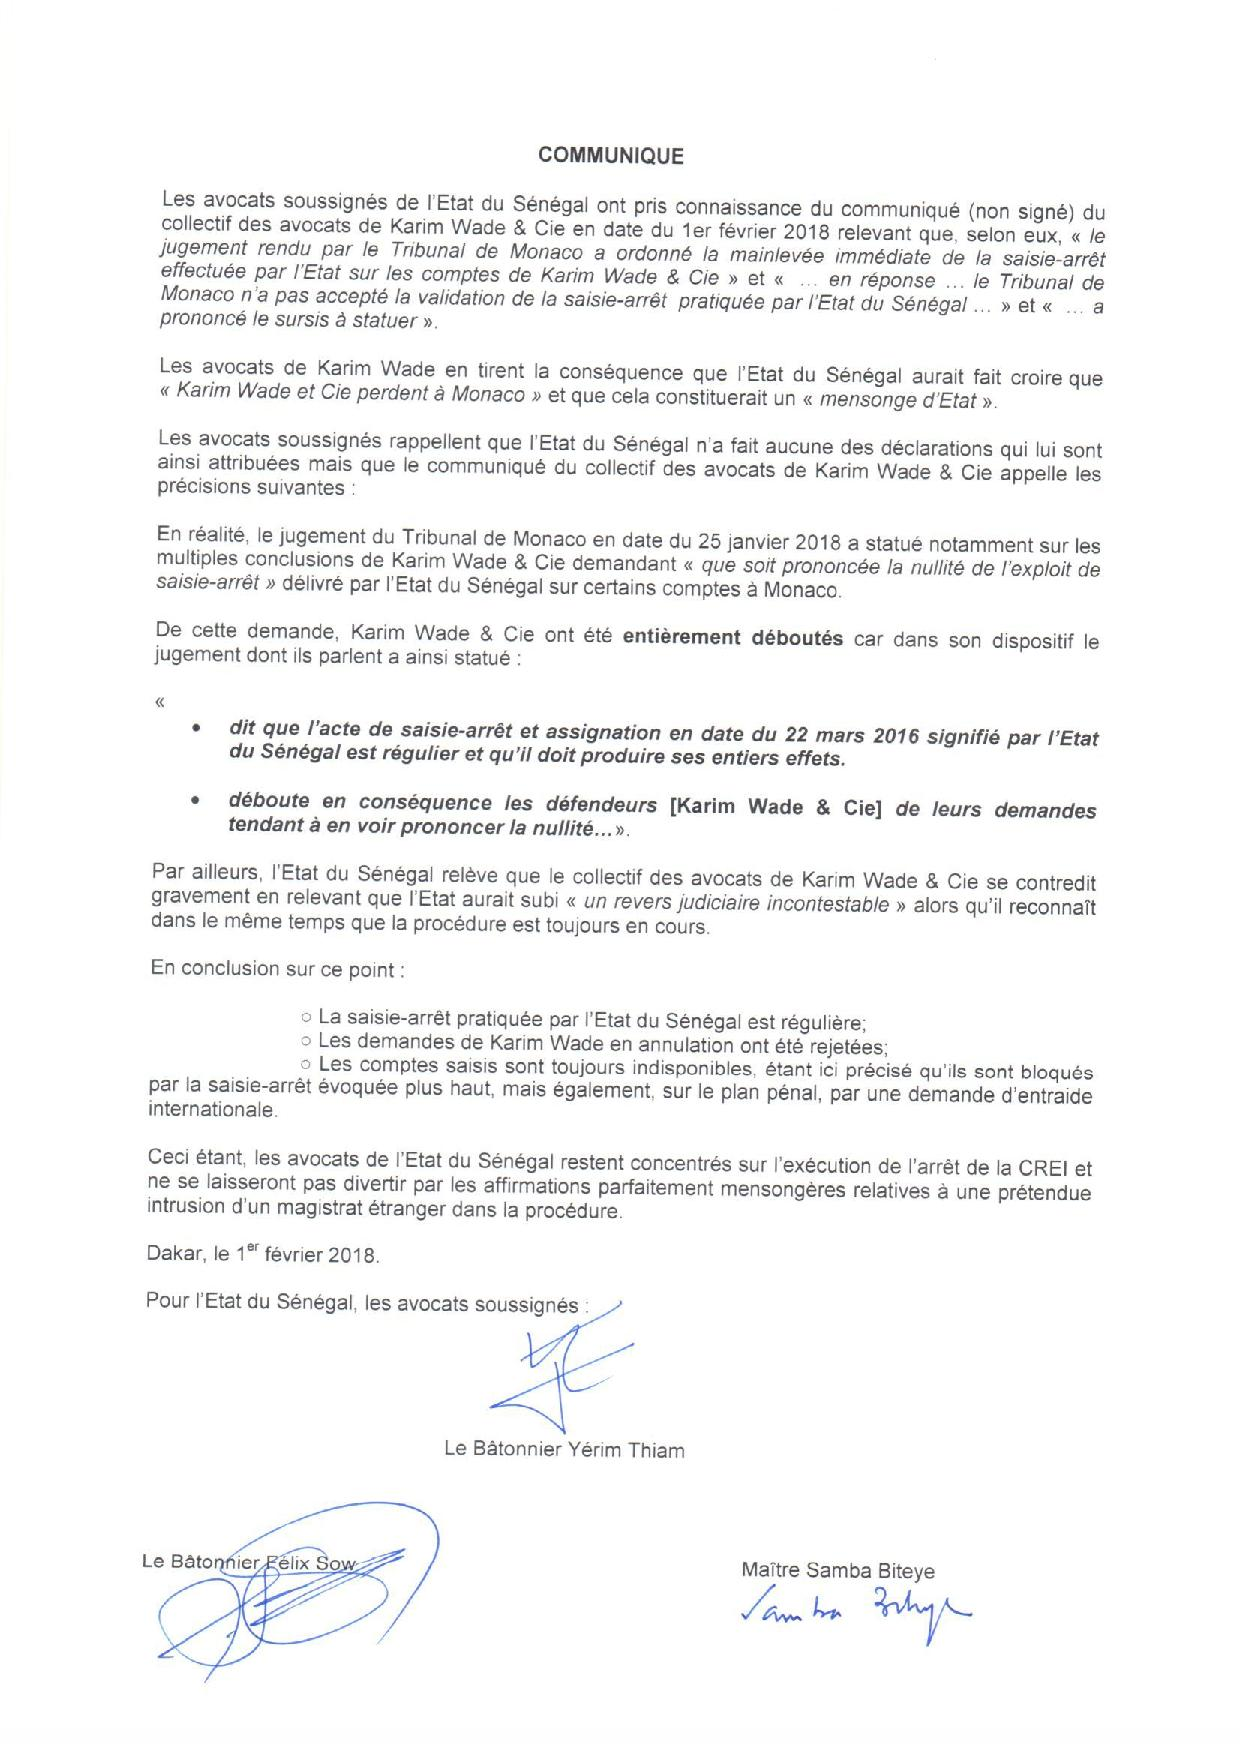 « Karim Wade et Cie ont été entièrement déboutés par le Tribunal de Monaco » persistent et signent les avocats de l'Etat du Sénégal